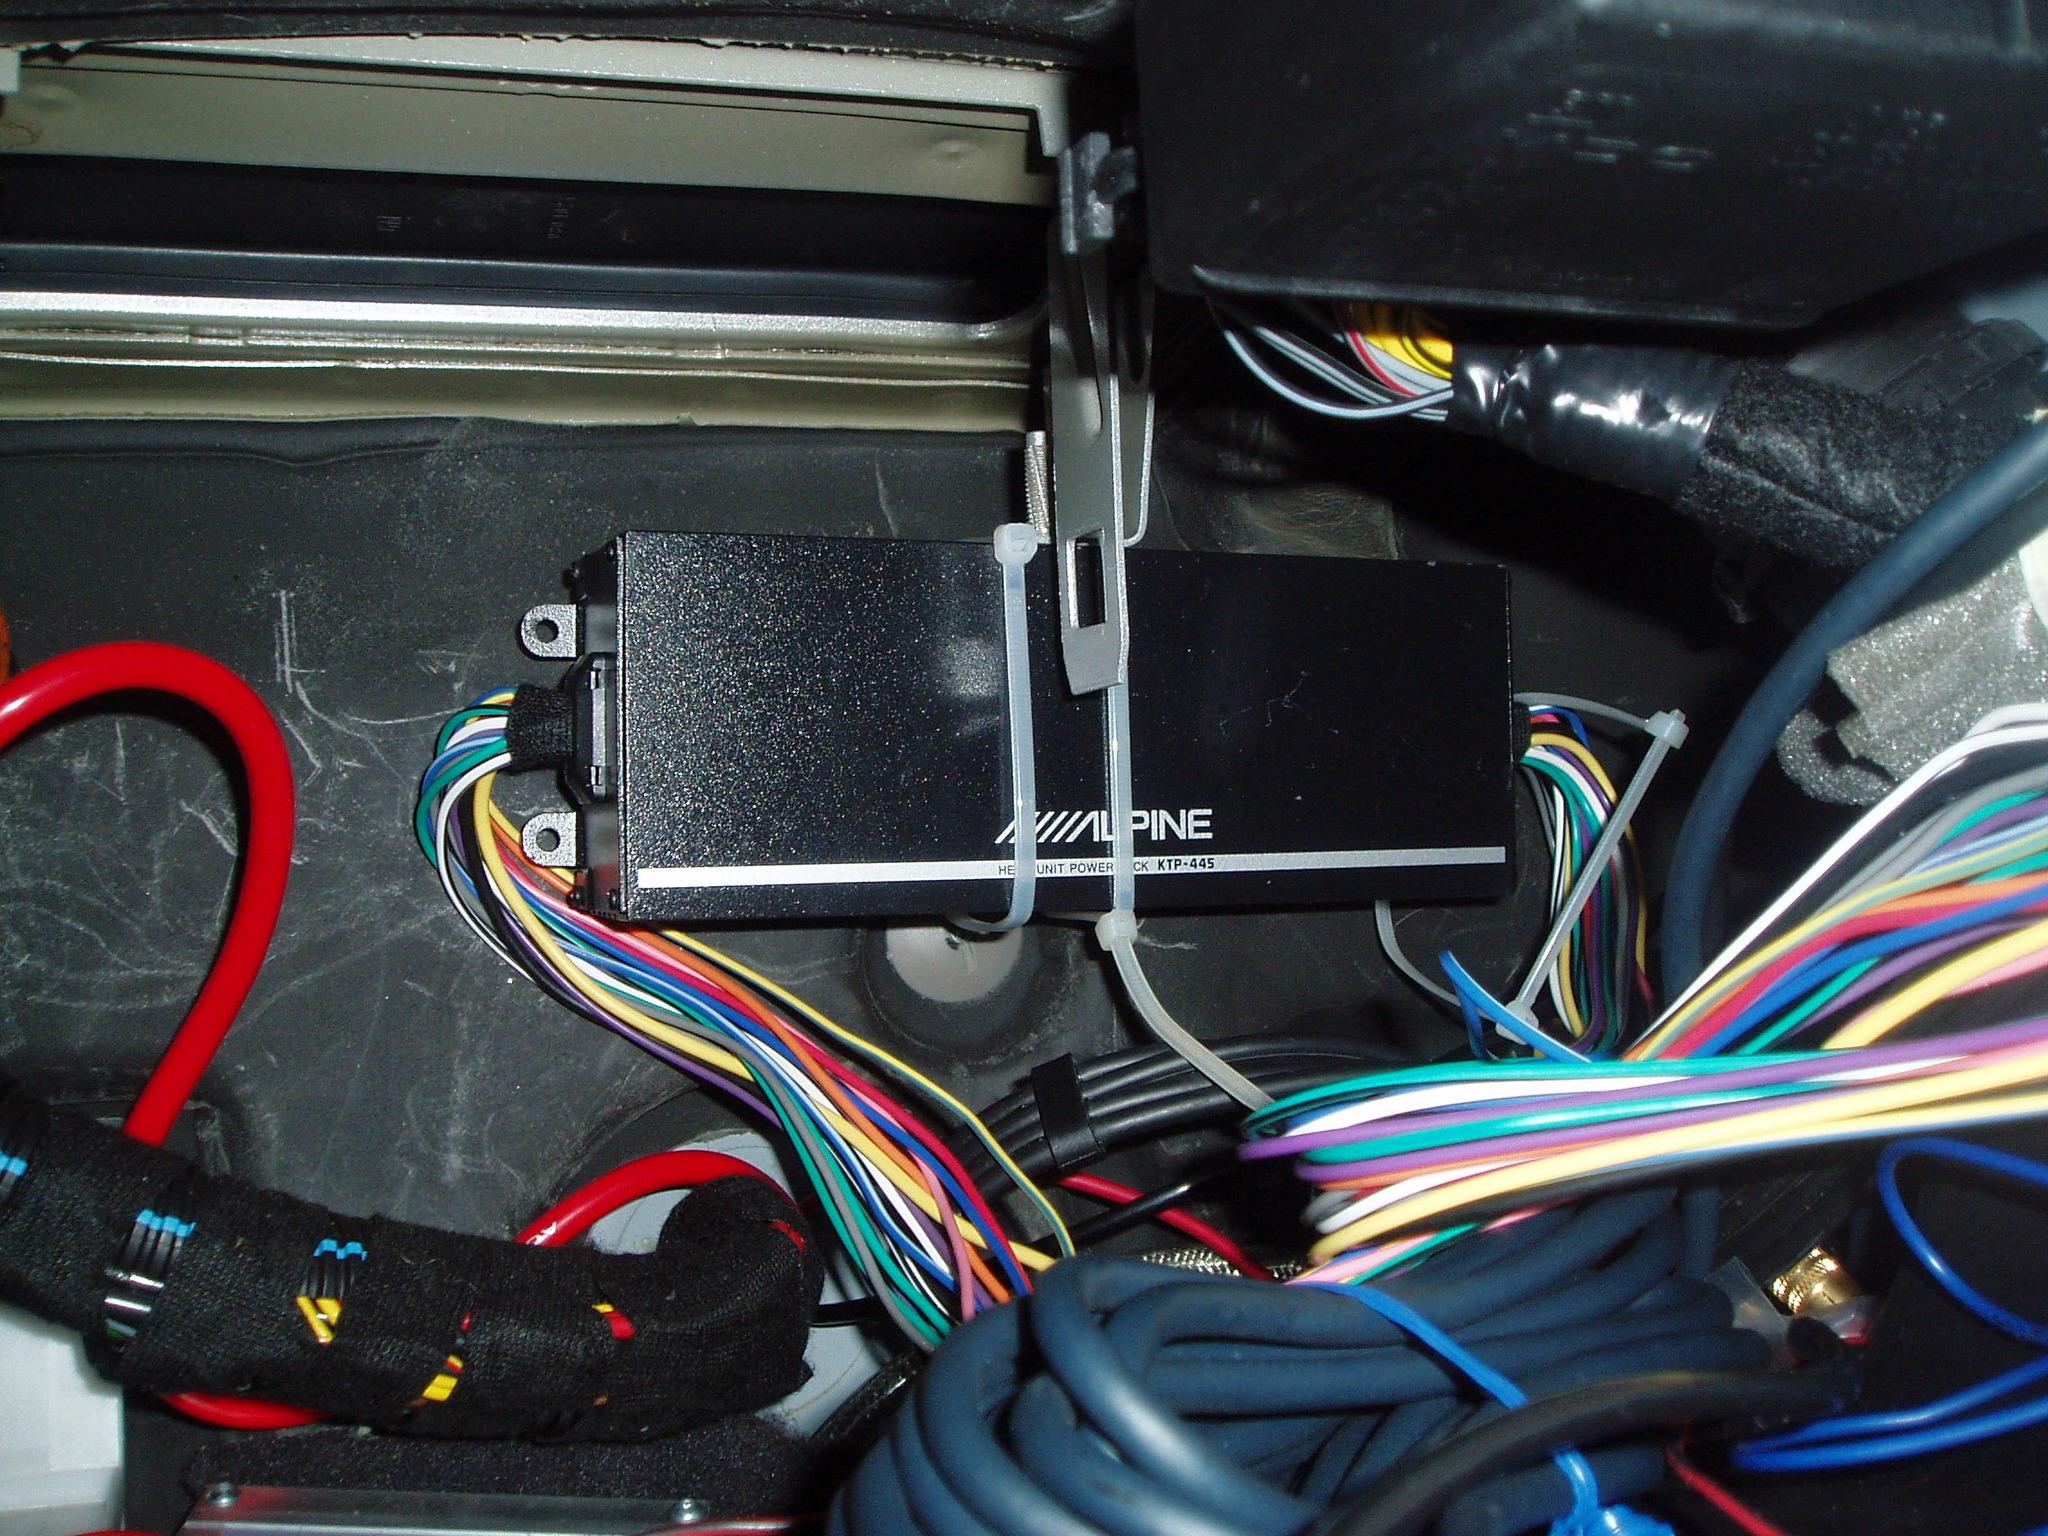 Wonderful Alpine Ktp 445 Wiring John Deere 310d Wiring Diagrams